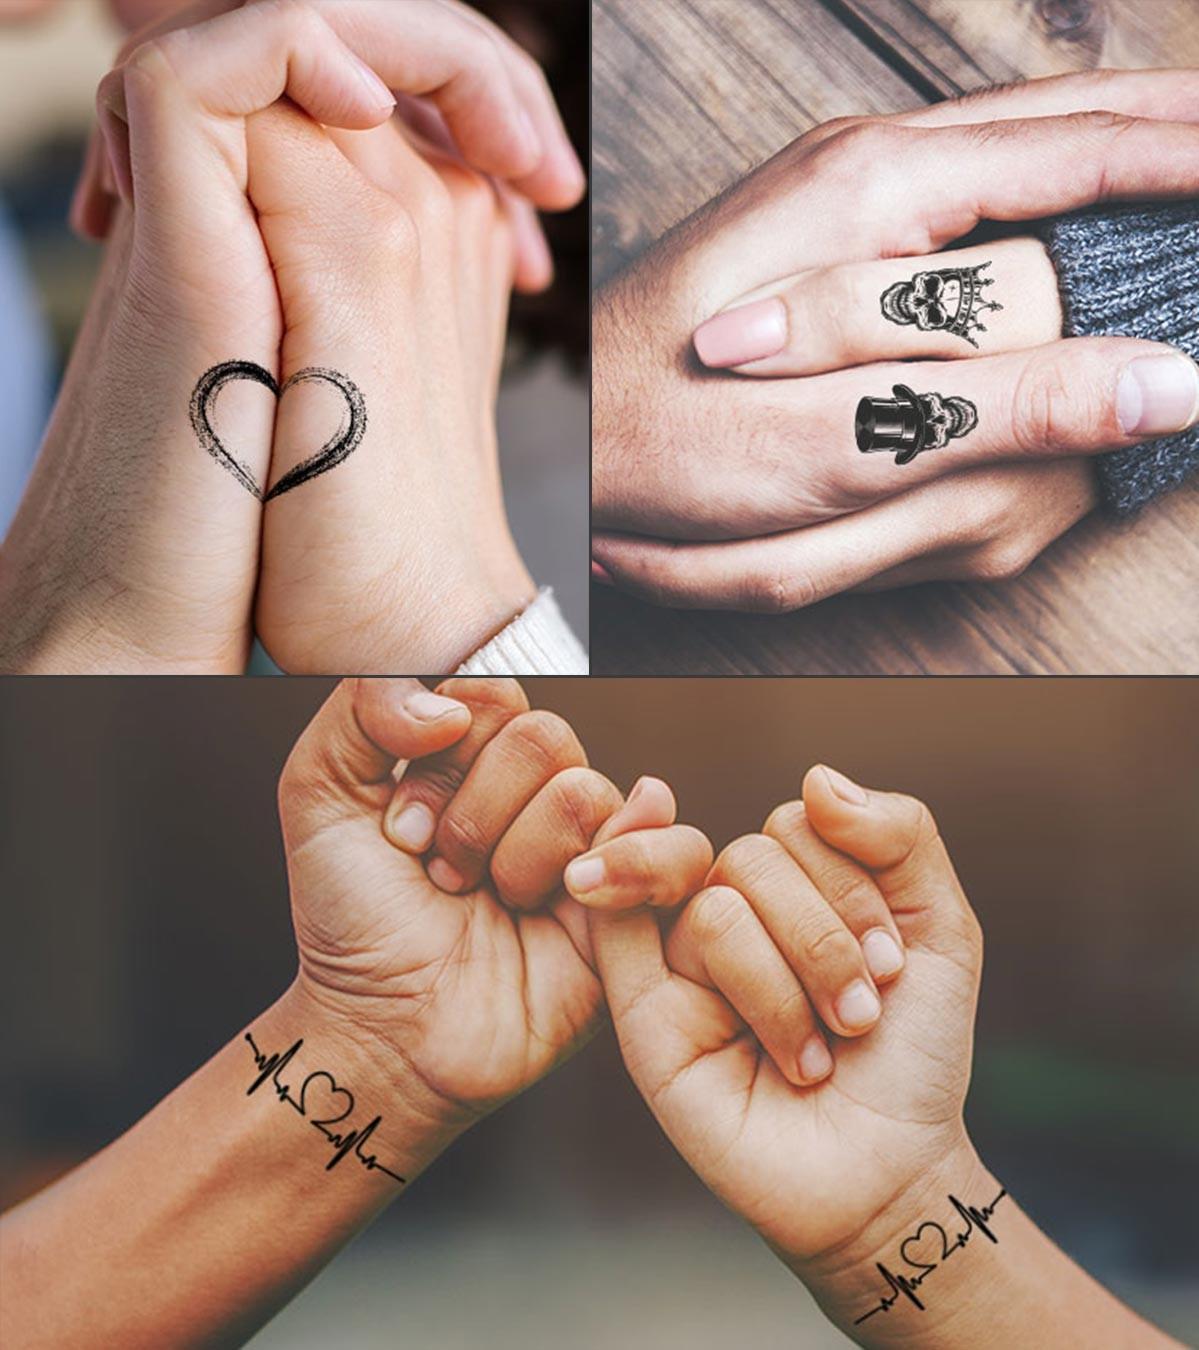 Obtenez des tatouages assortis ensemble.